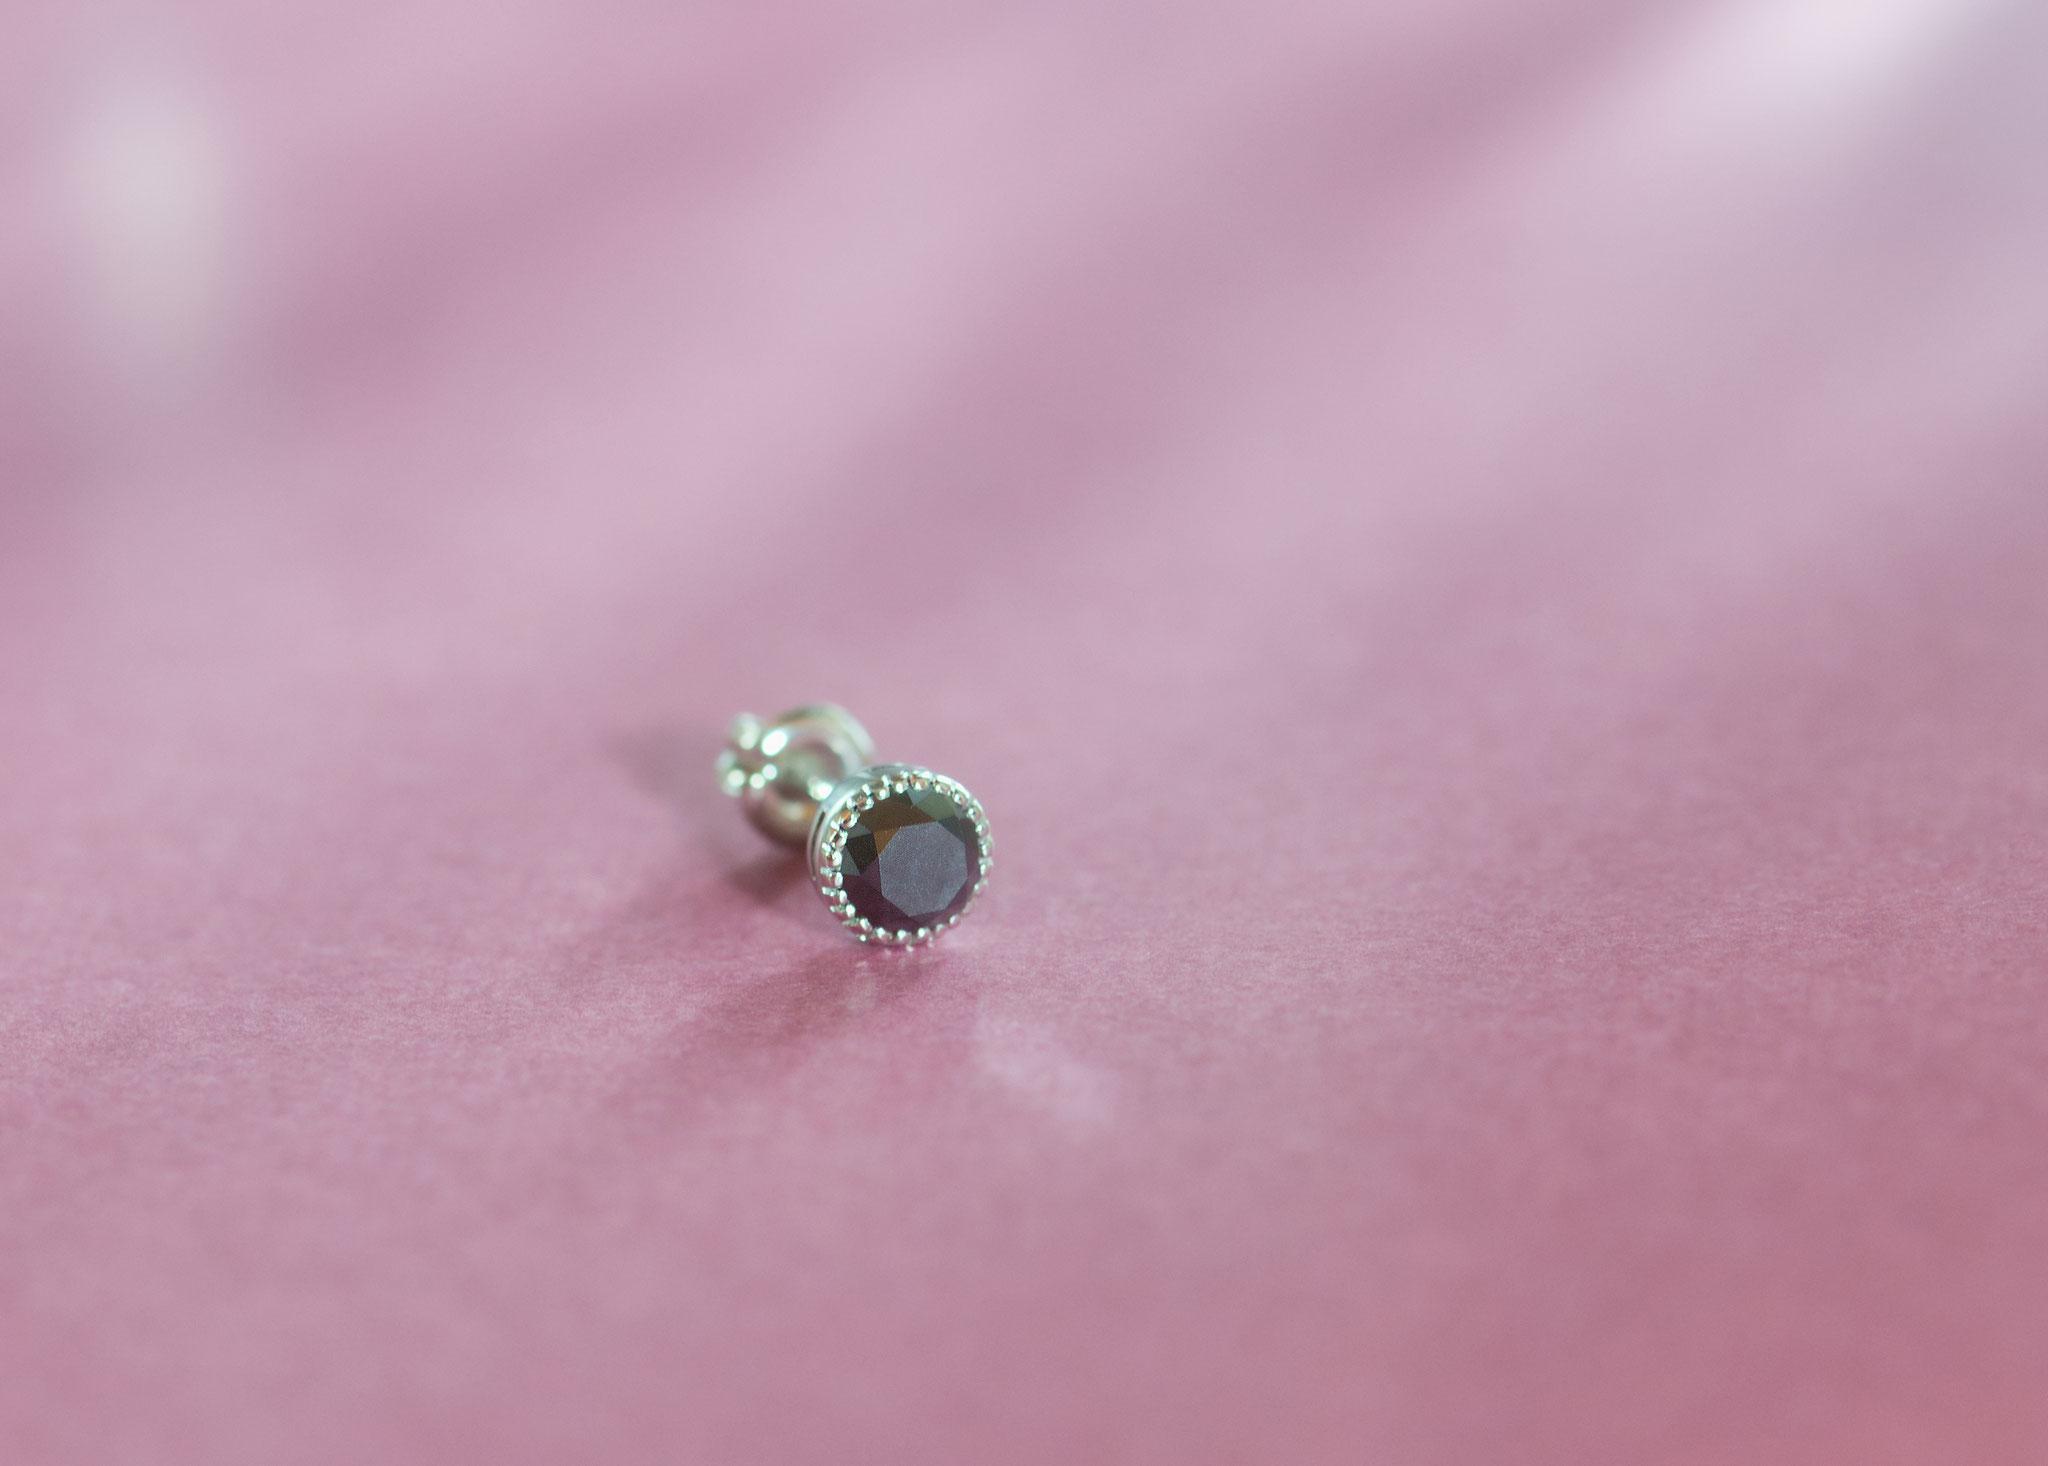 フルオーダーピアス0.5ペア Pt950 ブラックダイヤモンド 0.32ct